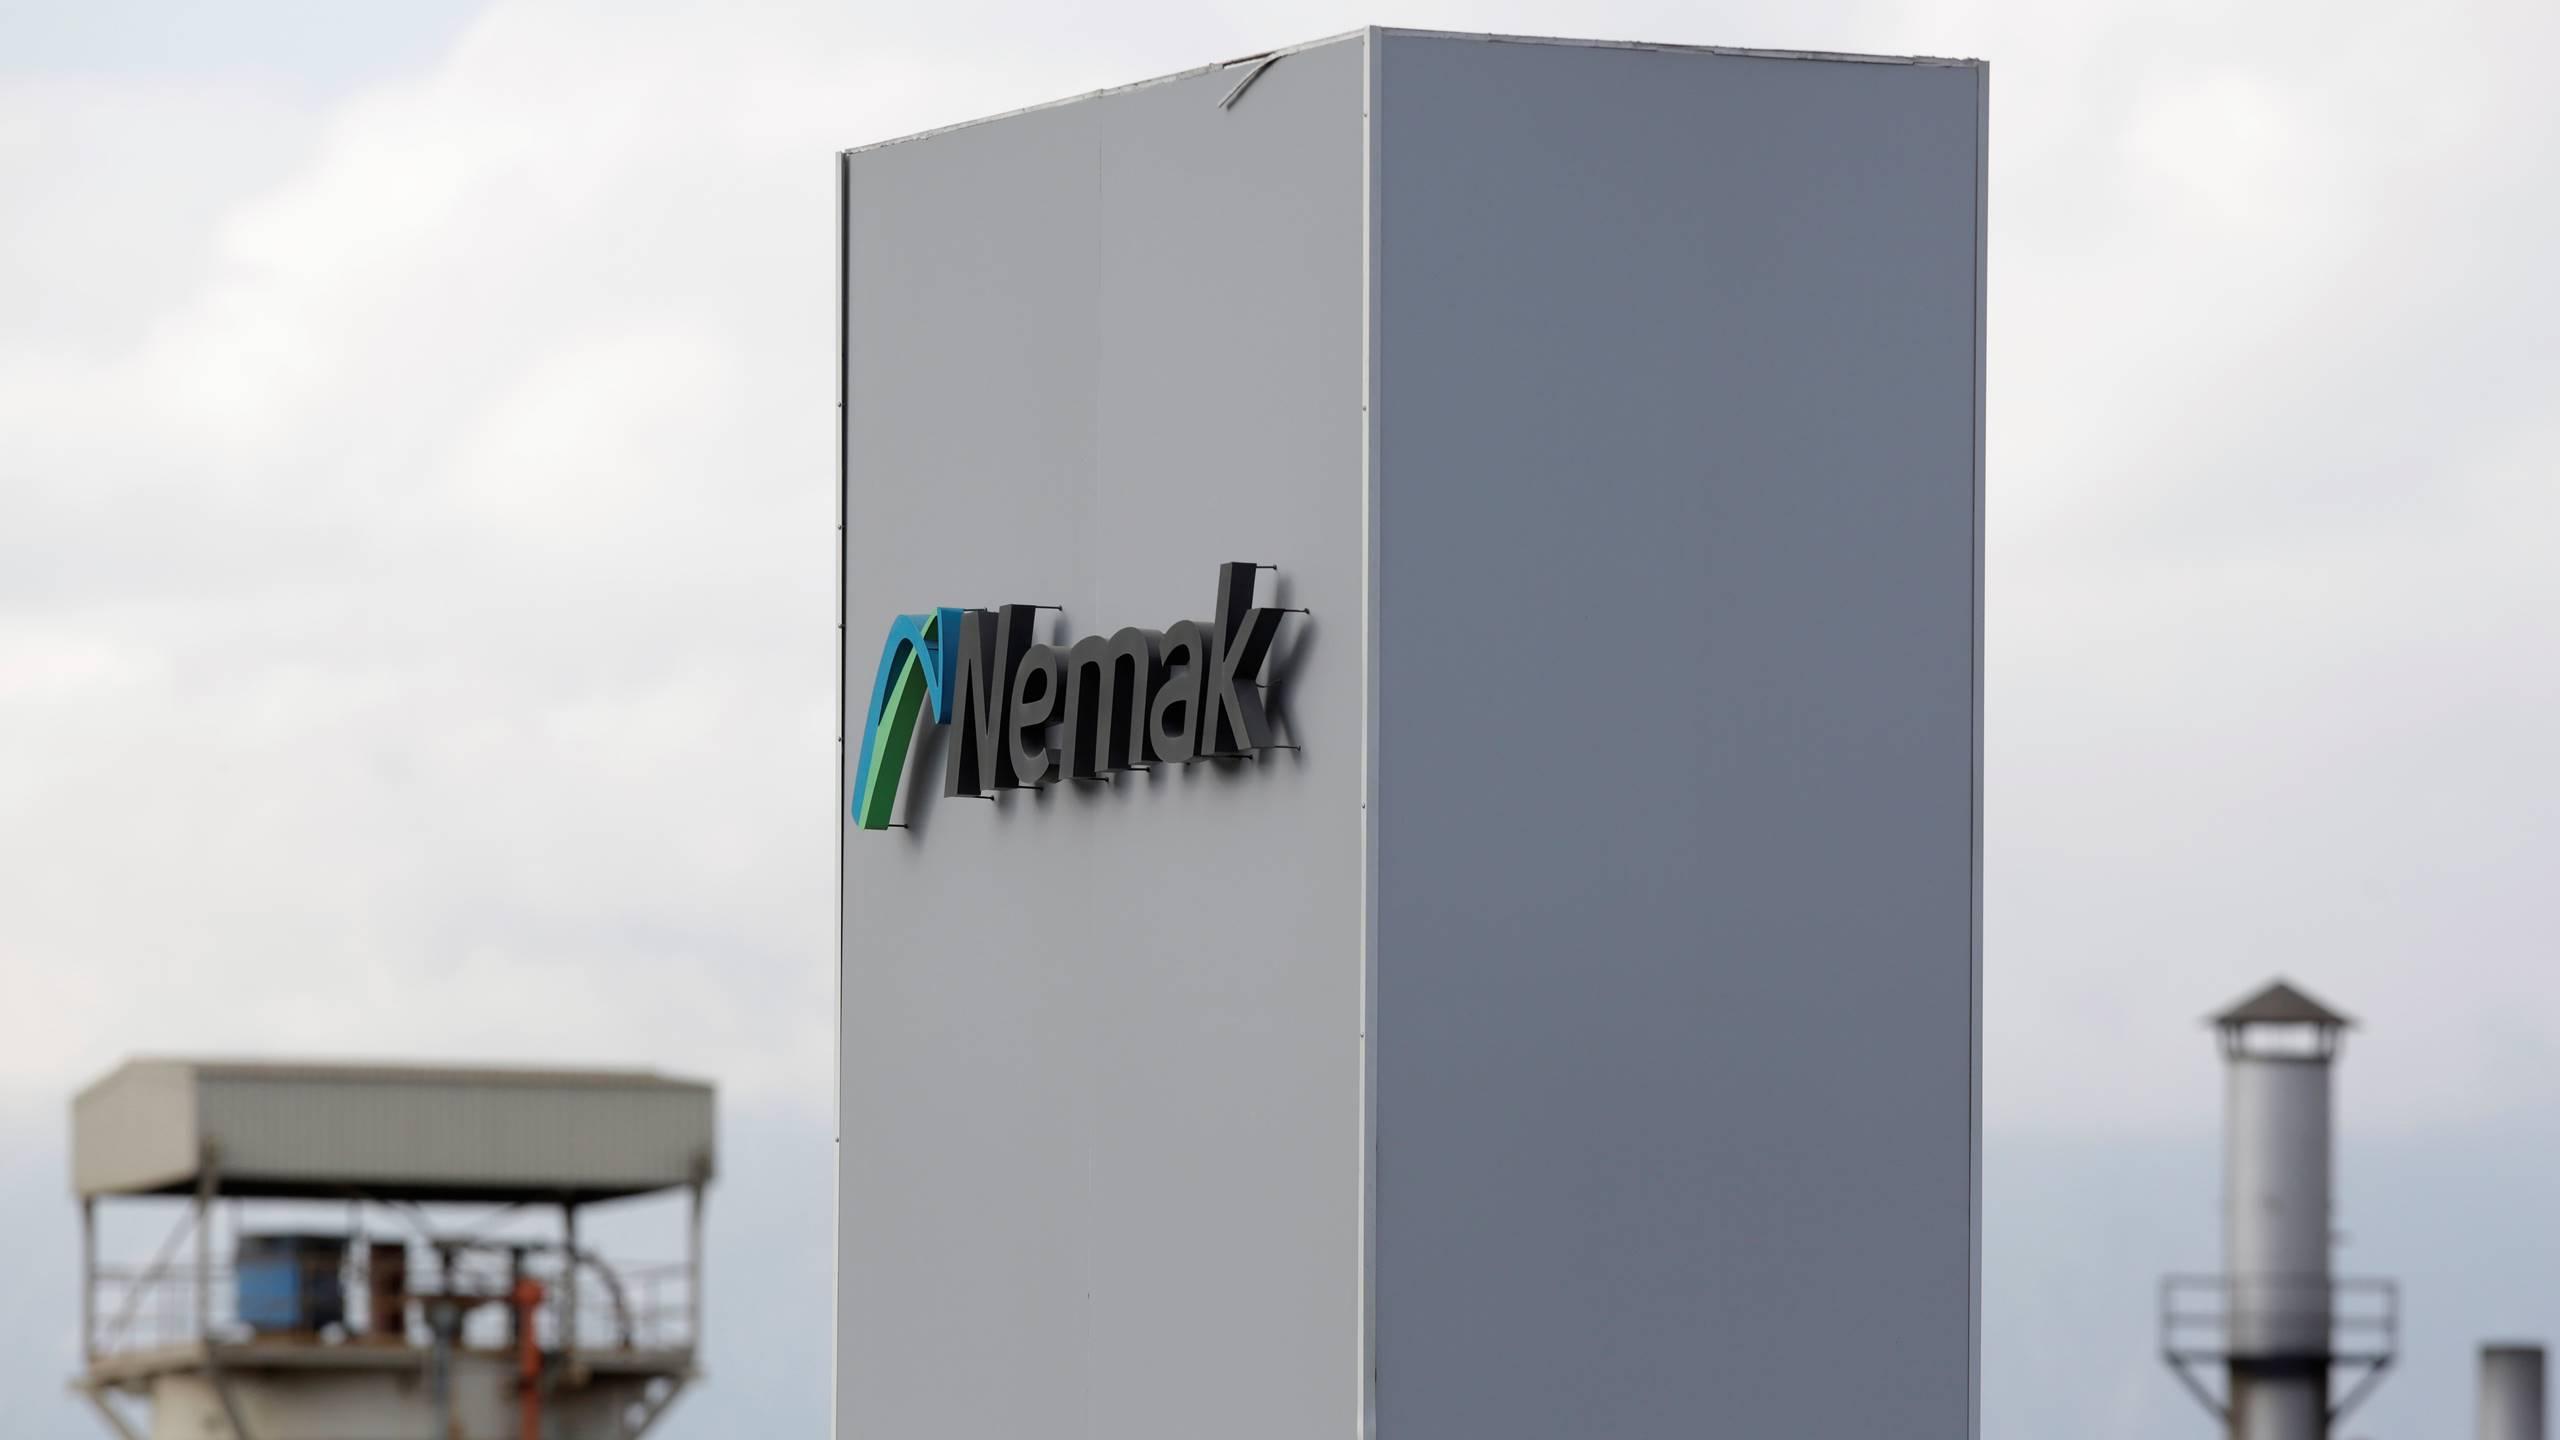 Nemak, filial de Alfa, anuncia el cierre de su planta en Canadá para 2020